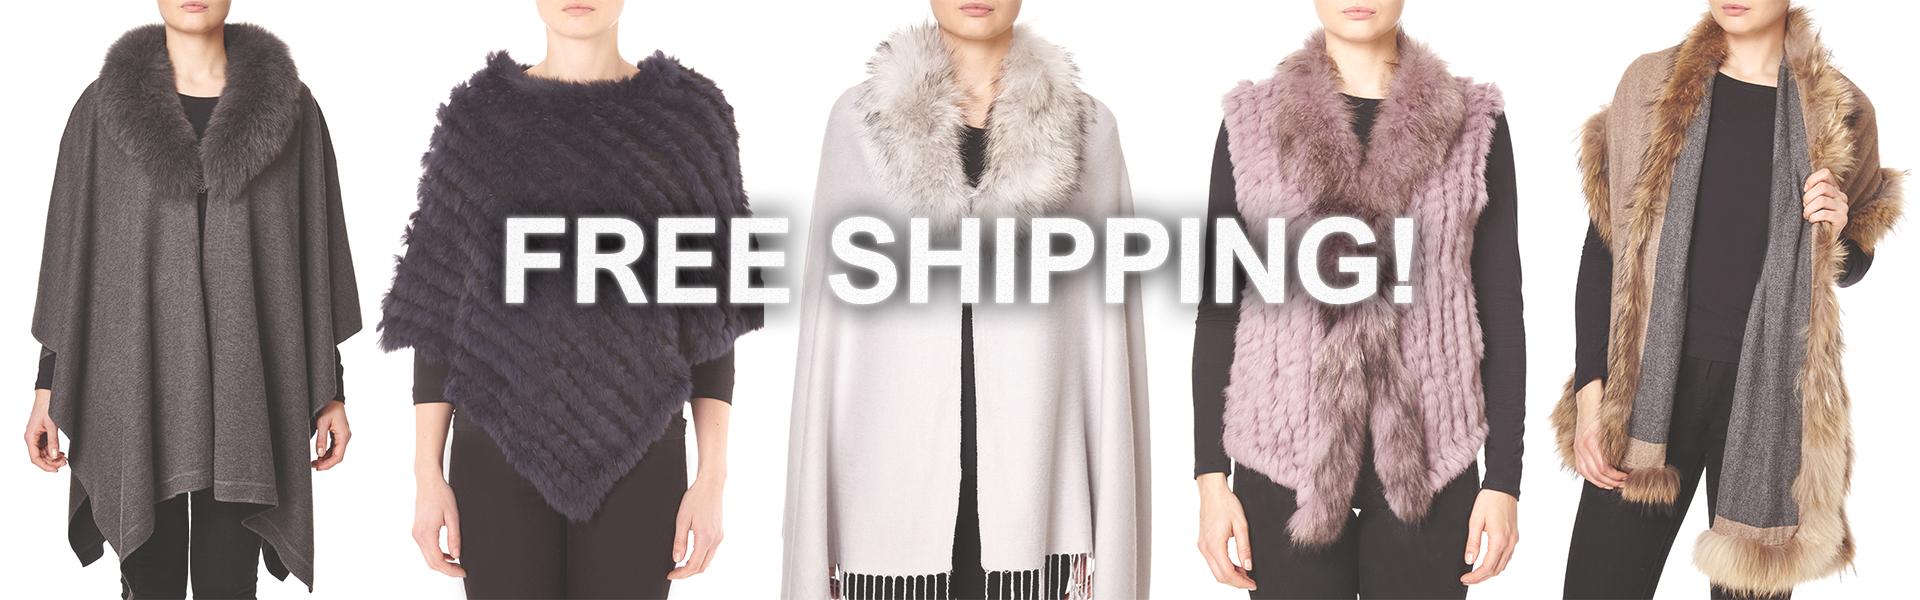 Fur Gilet Free Shipping